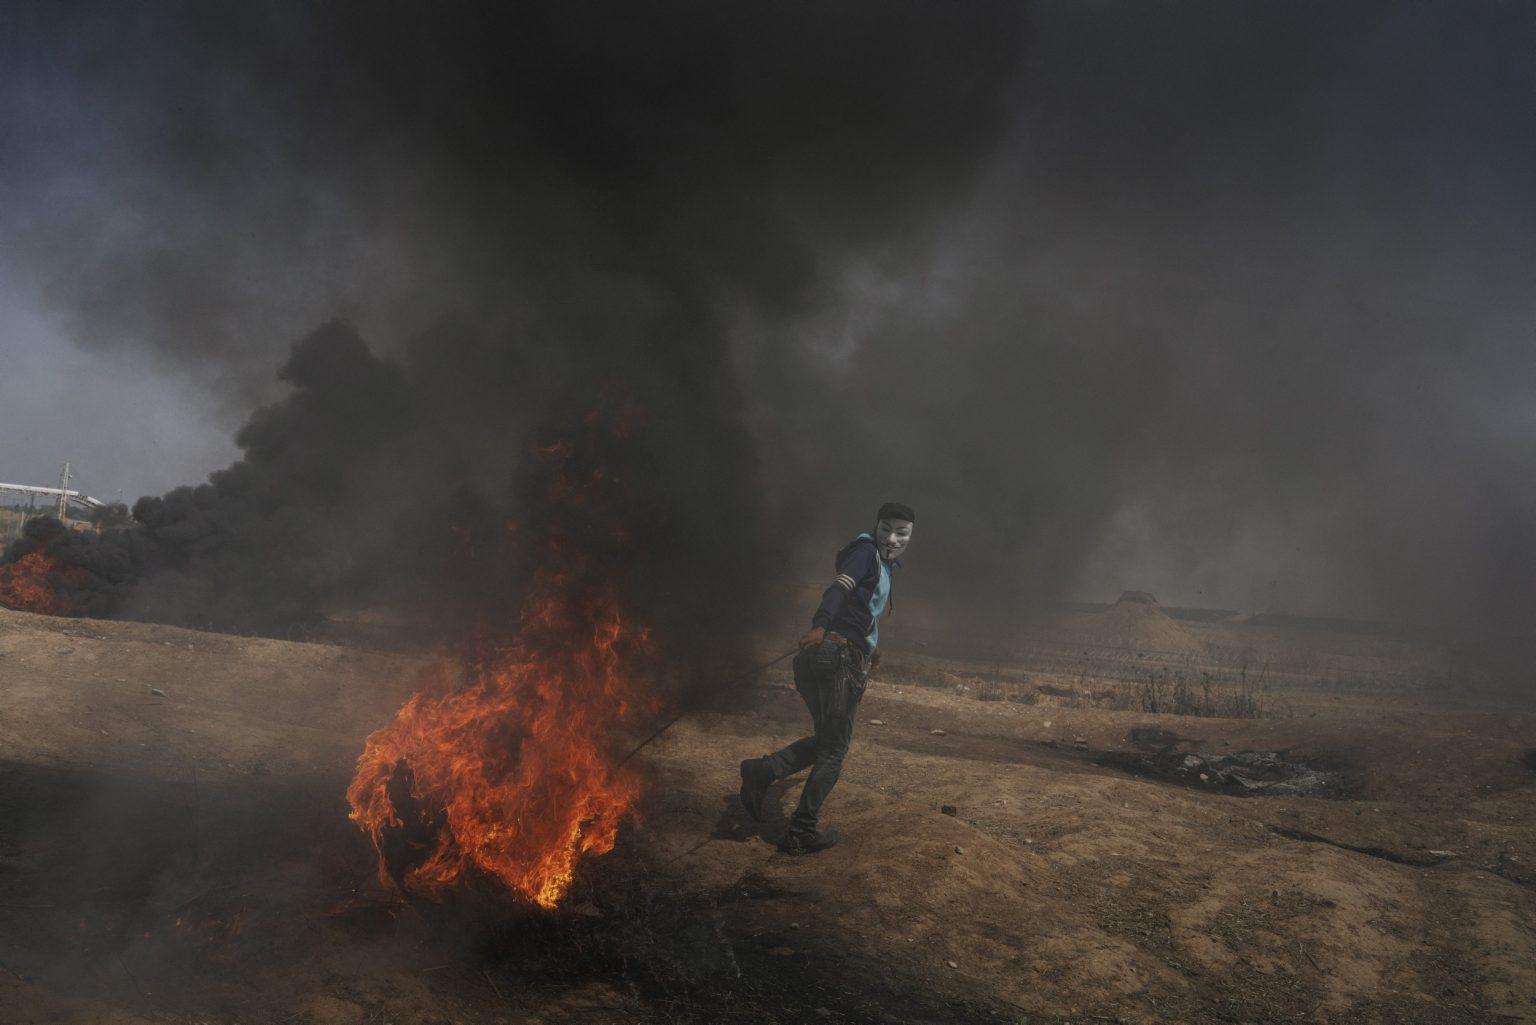 Gaza Strip, May 2018 - A Palestinian demonstrator moves a burning tire along the Gaza-Israel border. >< Striscia di Gaza, maggio 2018 - Un manifestante palestinese trascina un copertone in fiamme verso il confine israeliano.